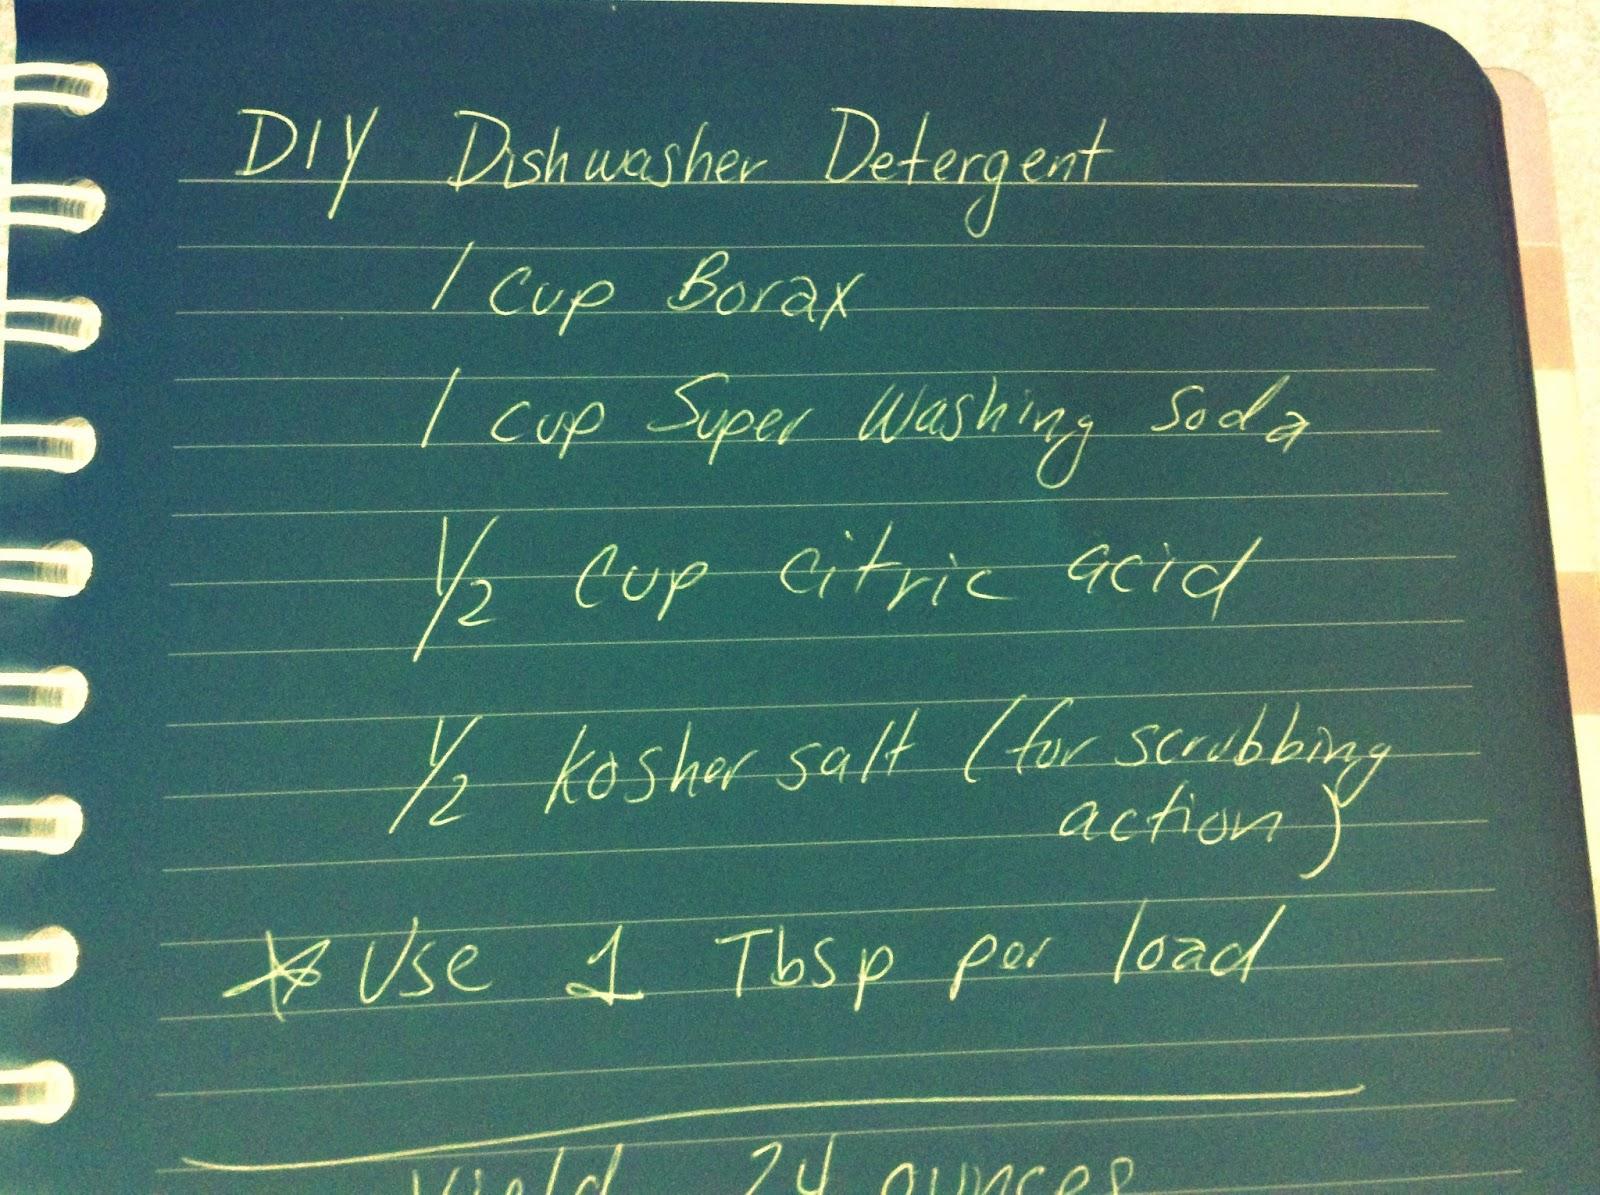 Learning Curve: DIY Dishwashing Detergent